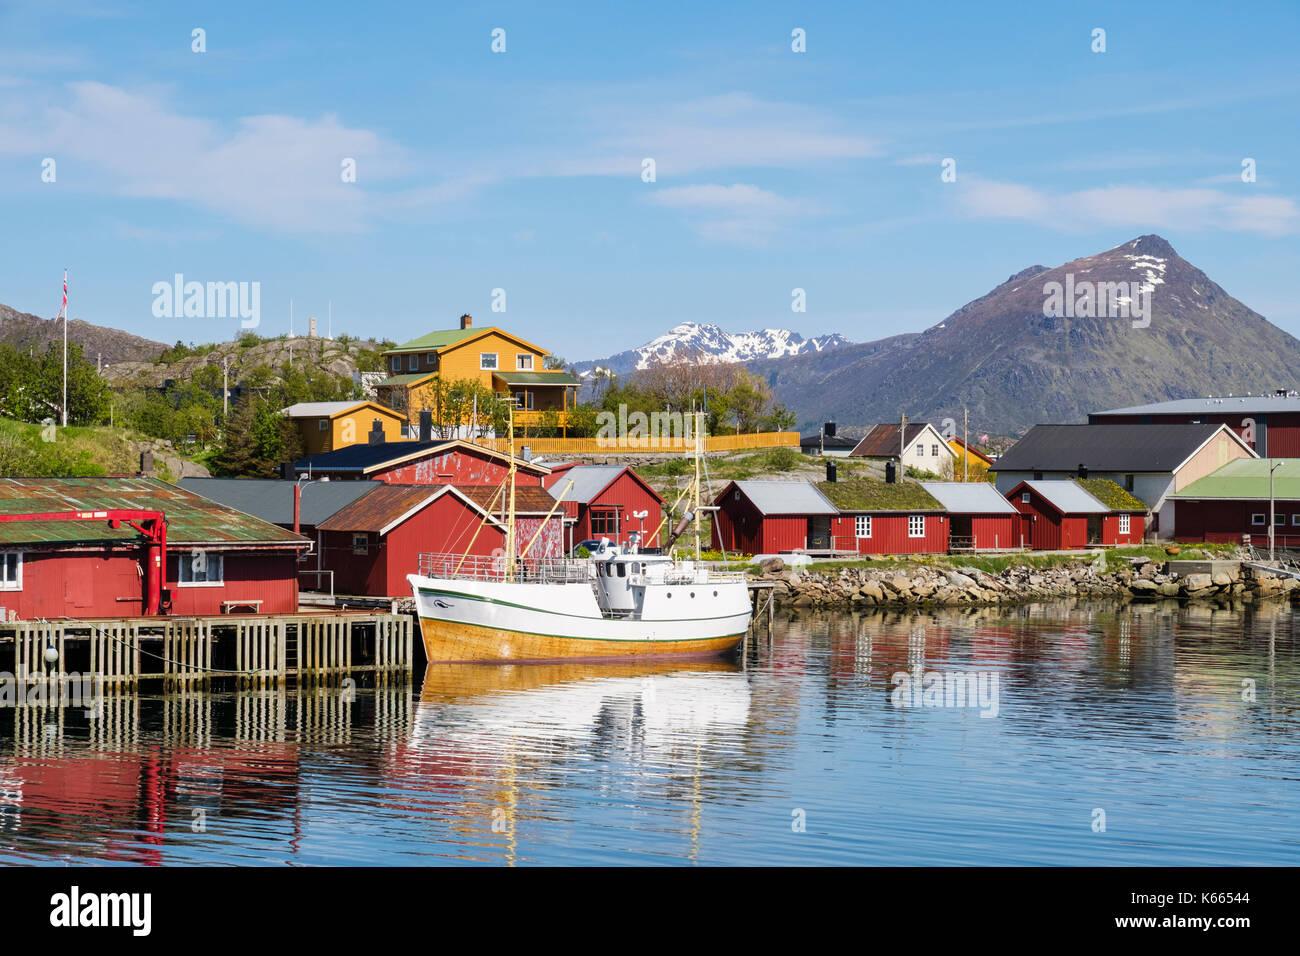 Barco anclado en el puerto con típicas cabañas Rorbu Noruego en la aldea de pescadores. Vestvågøya Ballstad, isla, Islas Lofoten, Nordland, Noruega Imagen De Stock